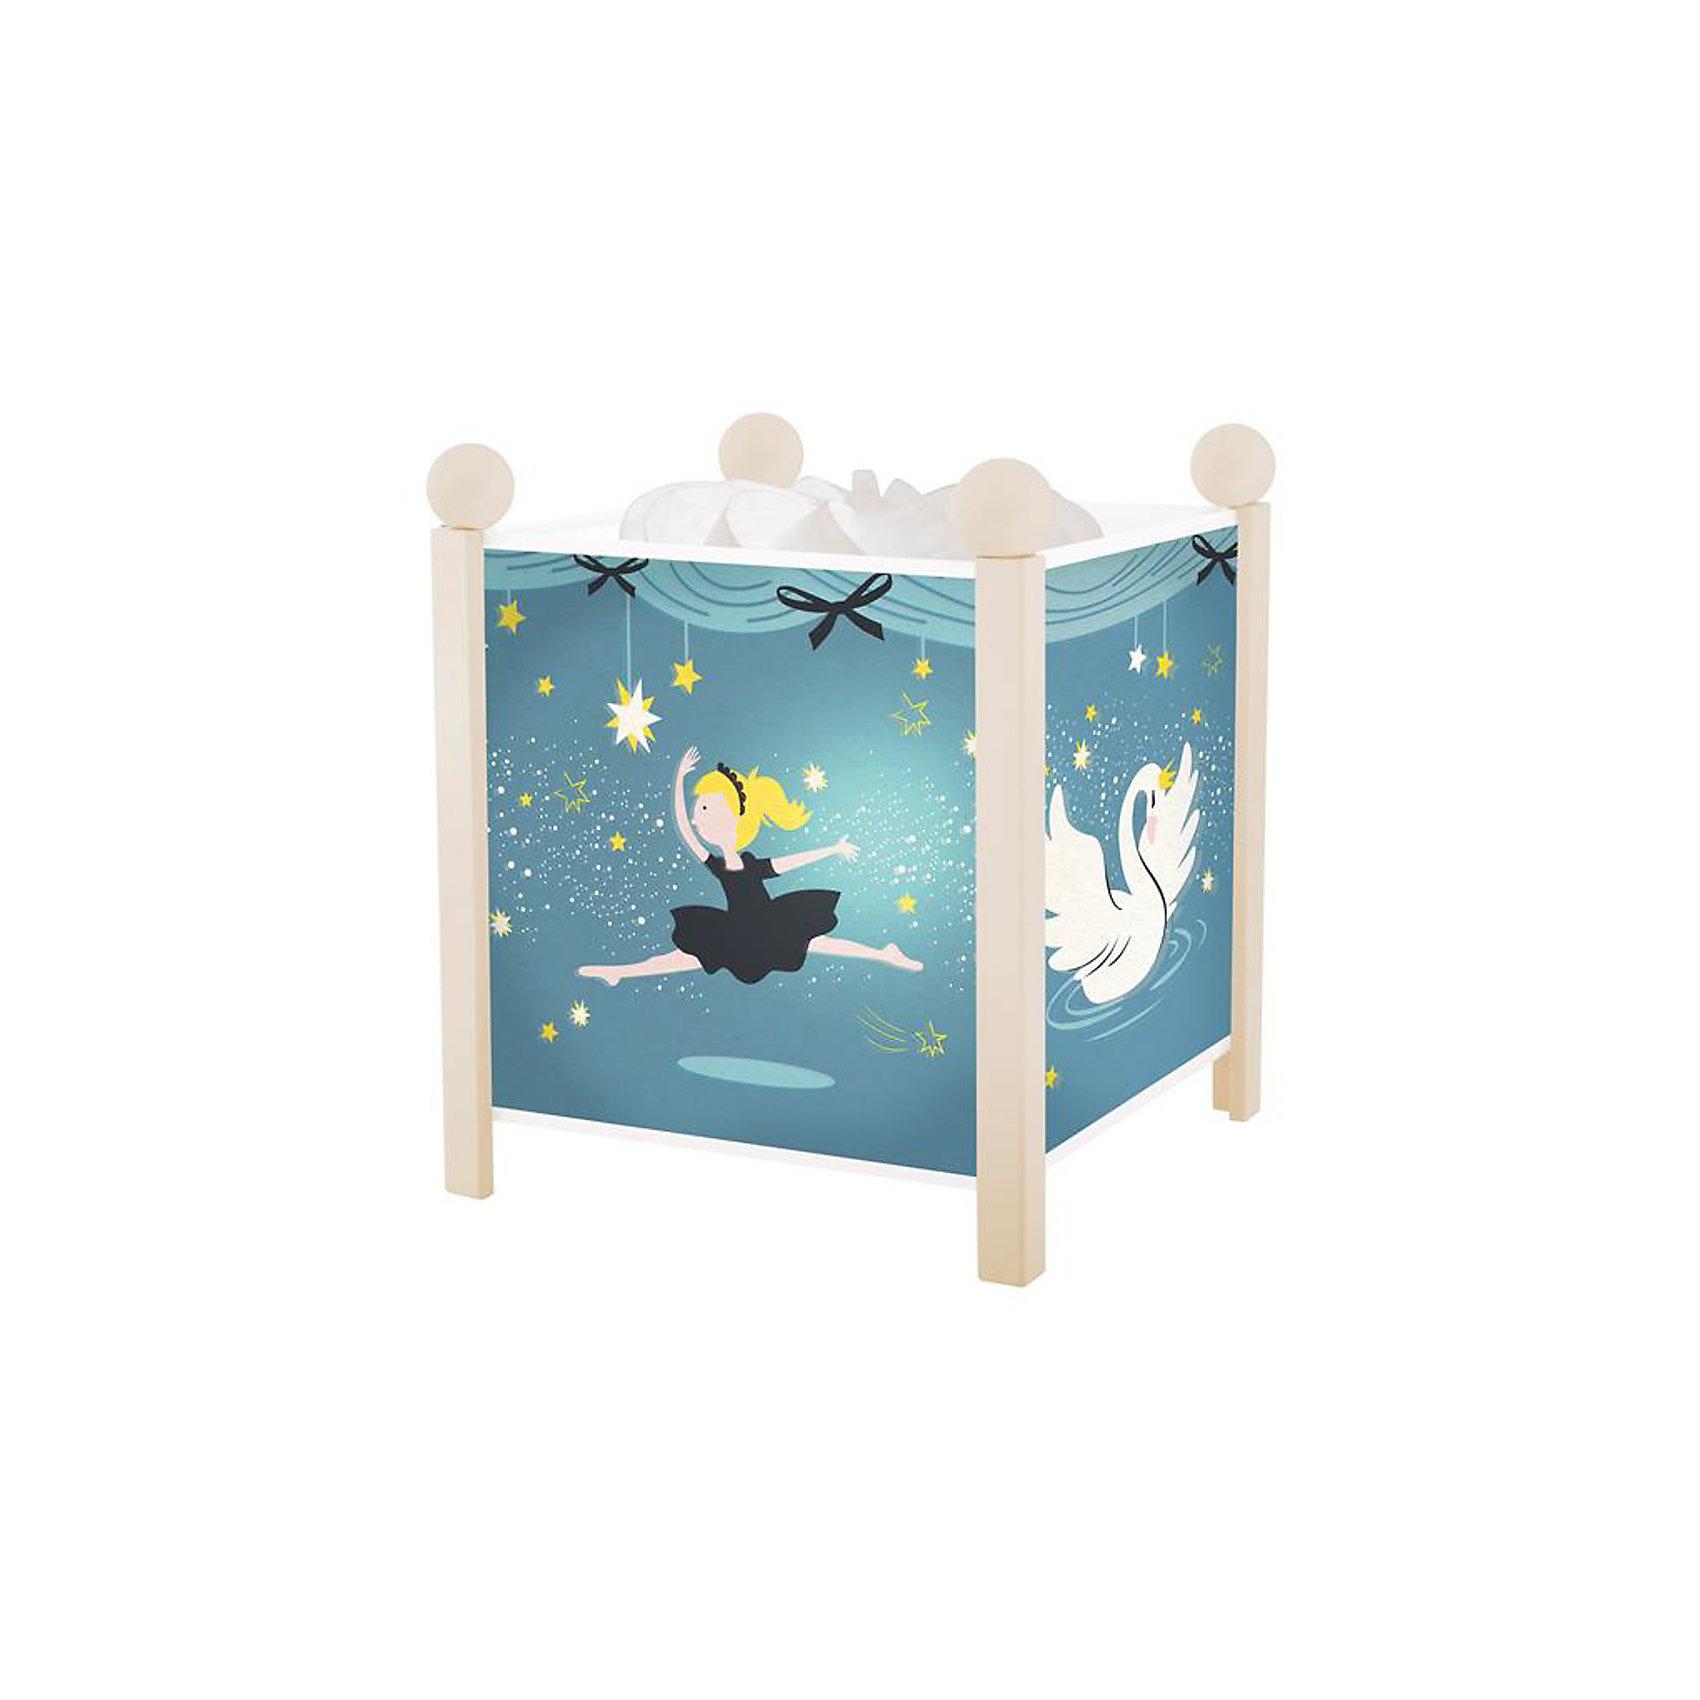 Светильник-ночник Балерина Trousselier, белыйНочники помогают создать уют в любом помещении. Для детей это еще и повышение  качества сна - с ночником они спят спокойнее, так как вокруг нет пугающей темноты.<br>Этот ночник выглядит очень красиво - на нем симпатичные картинки, жароустойчивый цилиндр ночника вращается и создает приятное мягкое освещение вокруг него. Корпус ночника - прочный, металлический. Изделие произведено из высококачественных материалов, и соответствует европейским стандартам безопасности.<br><br>Дополнительная информация:<br><br>цвет: белый;<br>материал: металл, жароустойчивый пластик, дерево;<br>работает от розетки;<br>внутри - лампочка 12 V 20 W;<br>вес: 755 г;<br>размер: 17 х 17 х 19 см.<br><br>Светильник-ночник Балерина от французской компании Trousselier можно купить в нашем магазине.<br><br>Ширина мм: 175<br>Глубина мм: 175<br>Высота мм: 260<br>Вес г: 930<br>Возраст от месяцев: 0<br>Возраст до месяцев: 216<br>Пол: Женский<br>Возраст: Детский<br>SKU: 4961804